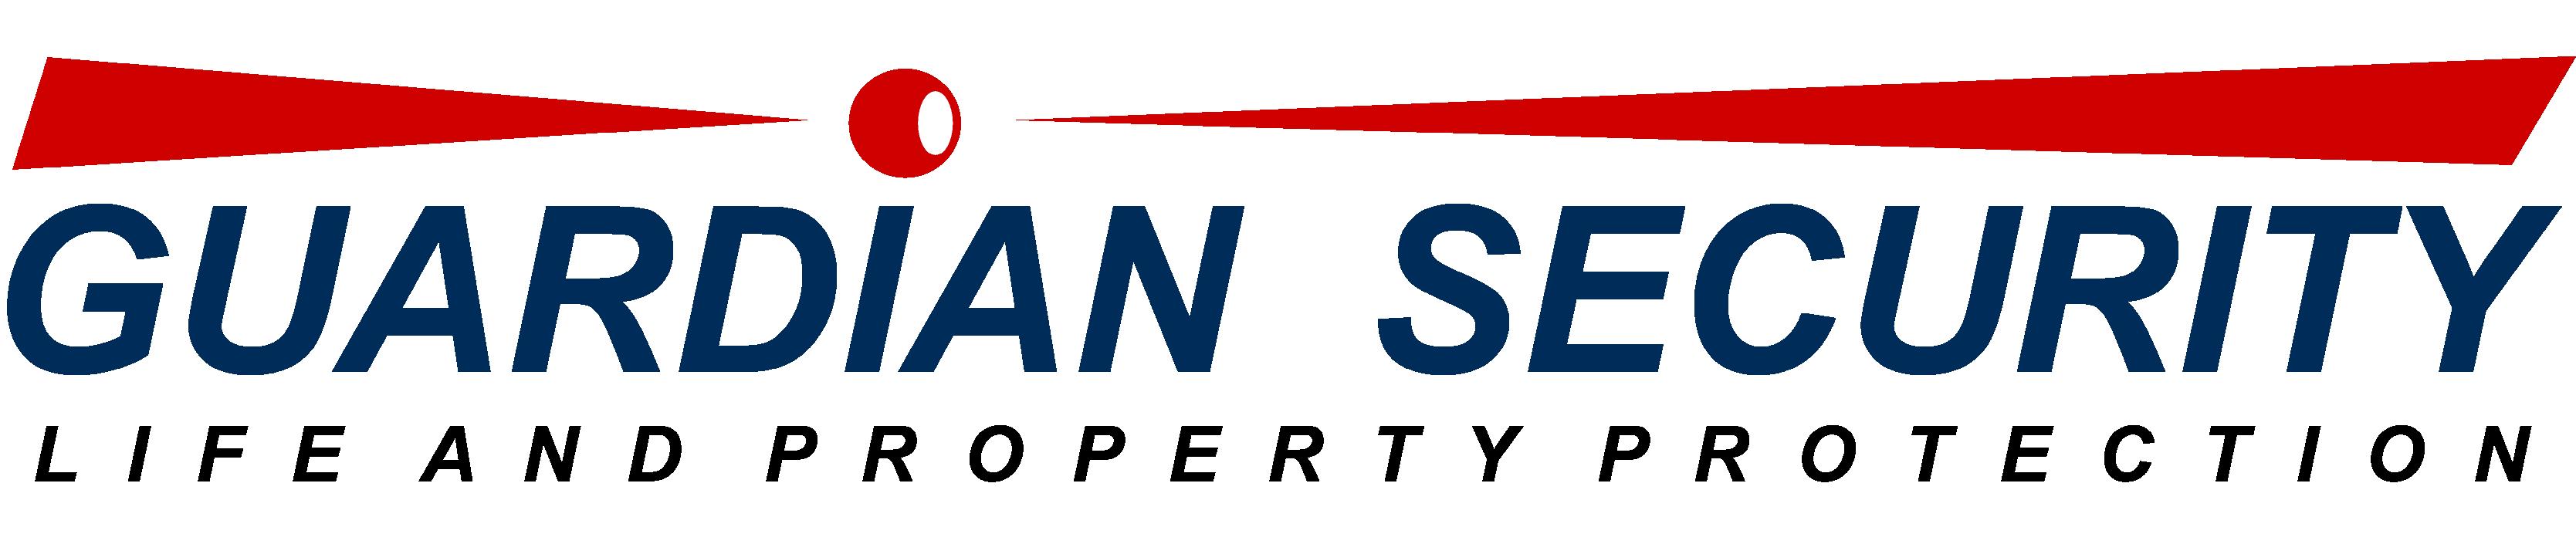 Guardian Security logo